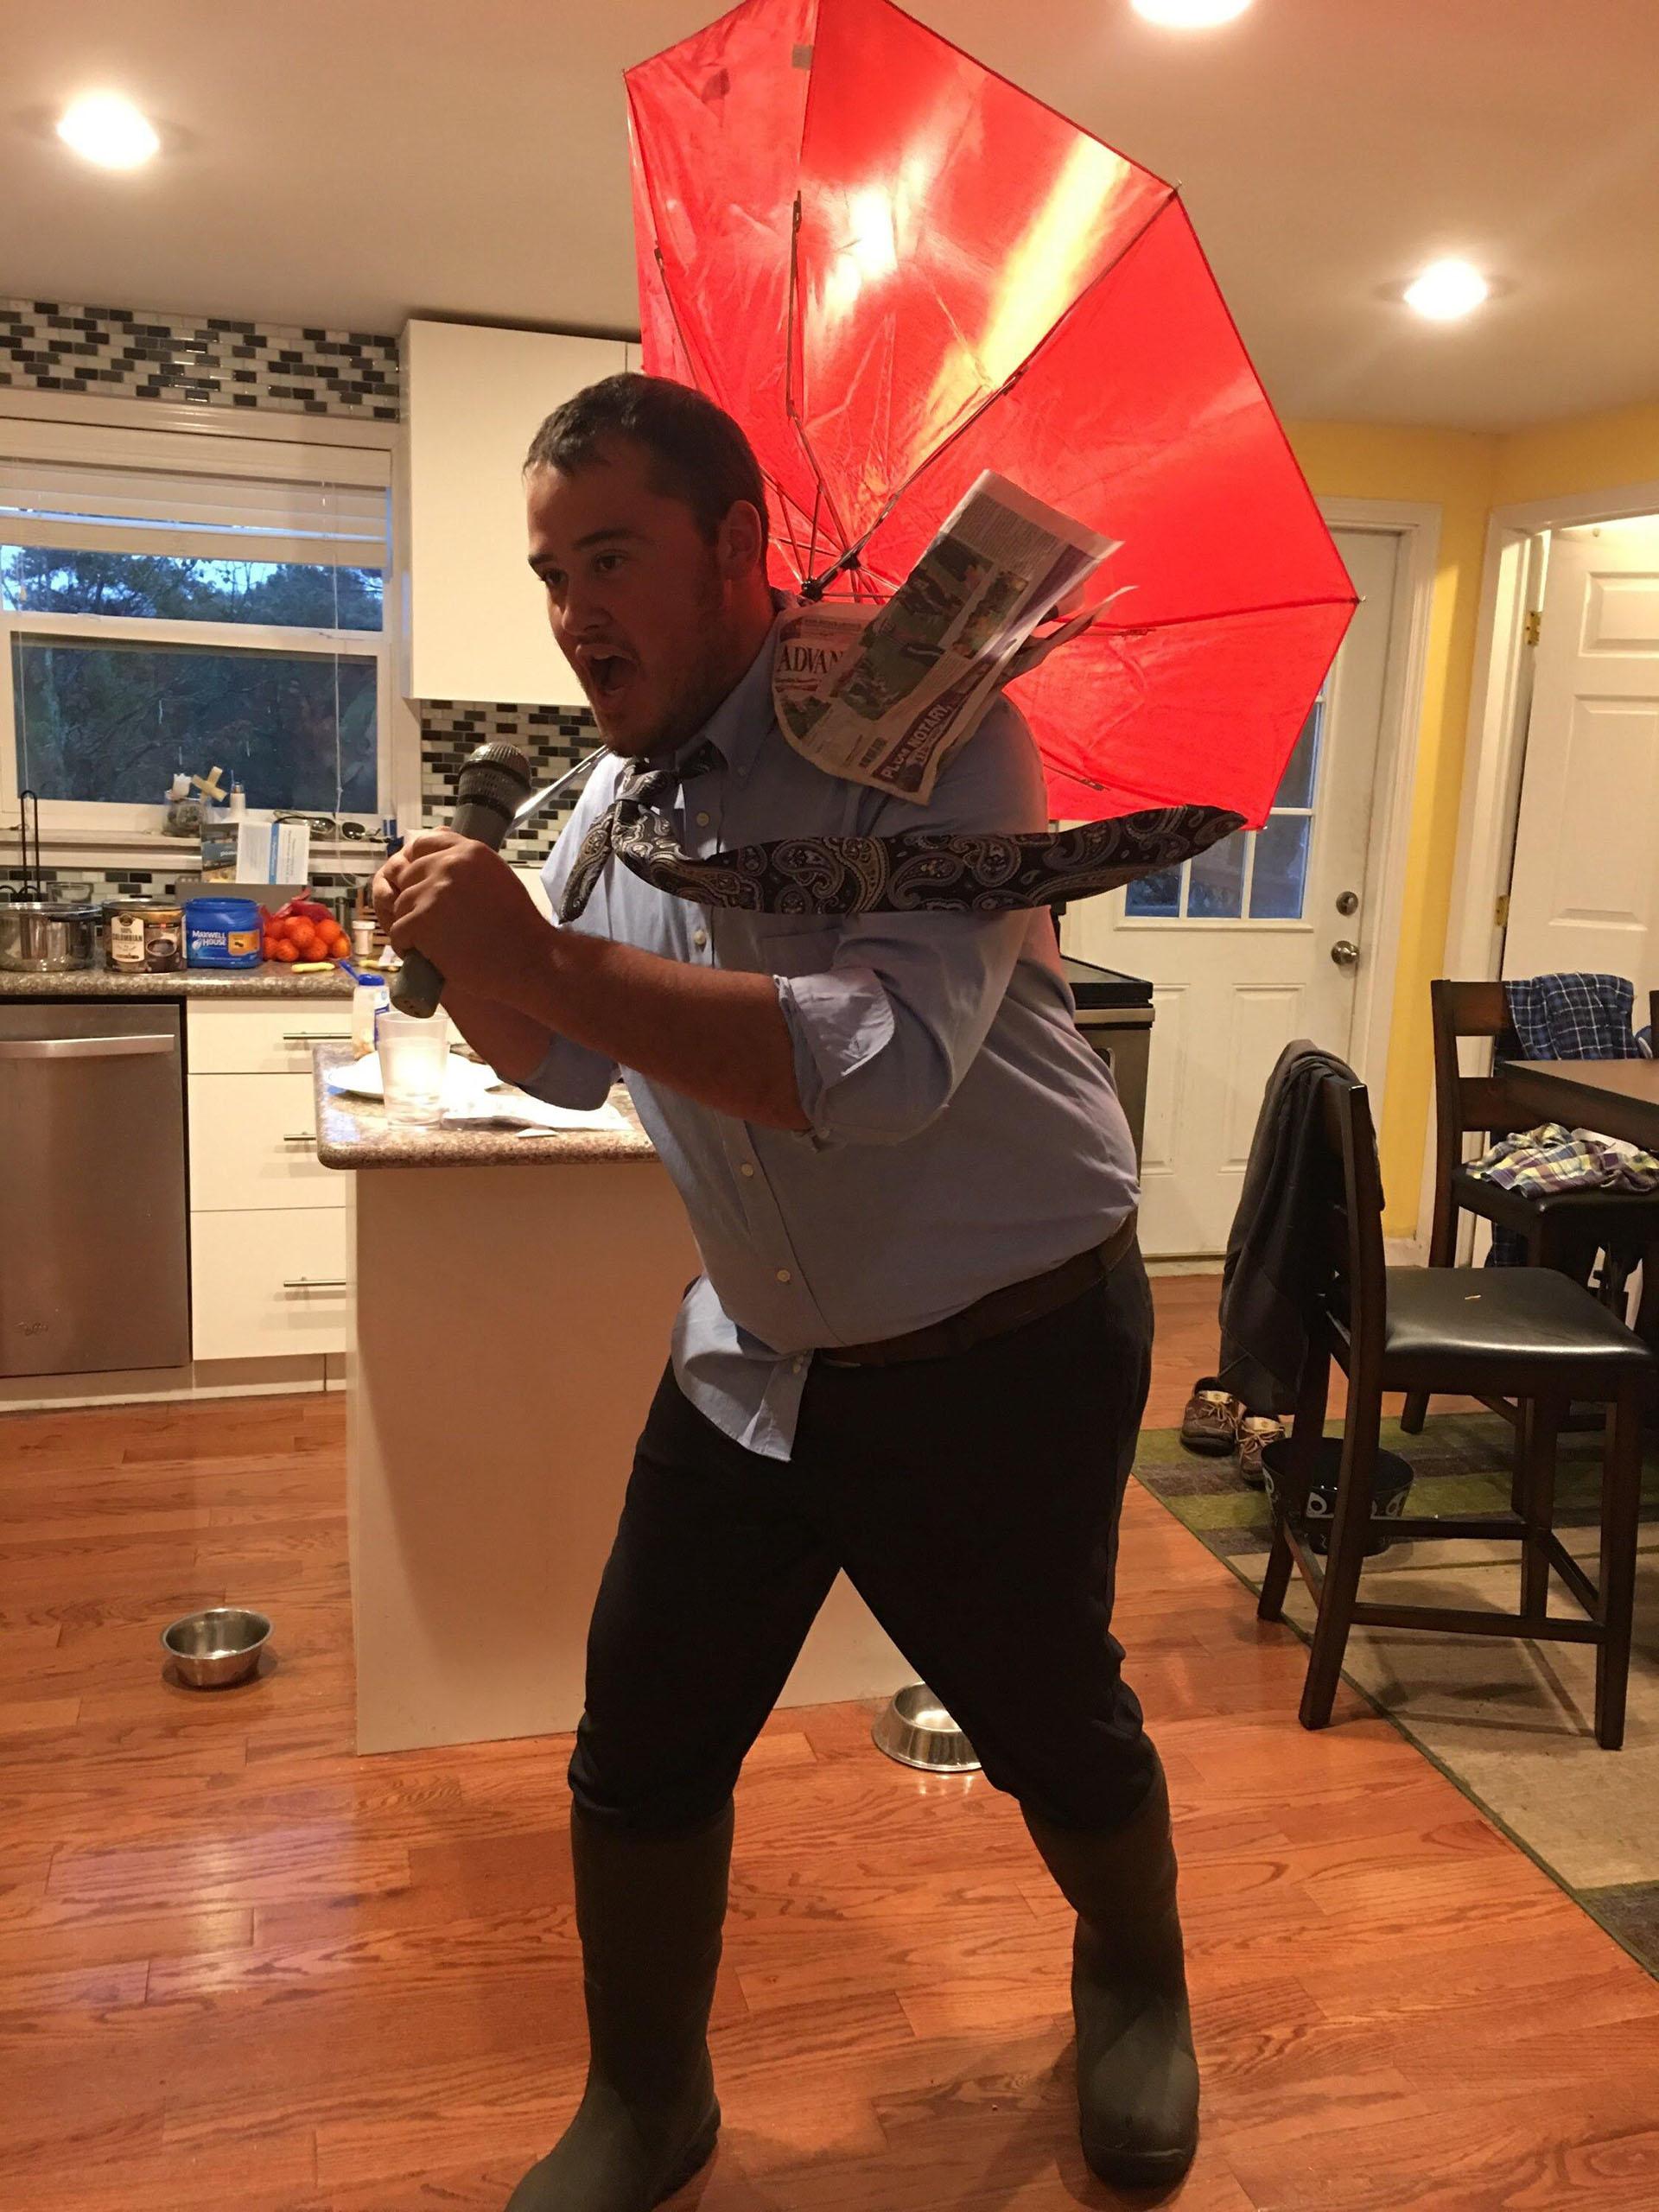 La cobertura de la prensa en la temporada de huracanes se suele viralizar y ya llegó a Halloween, en versión de dgdan12